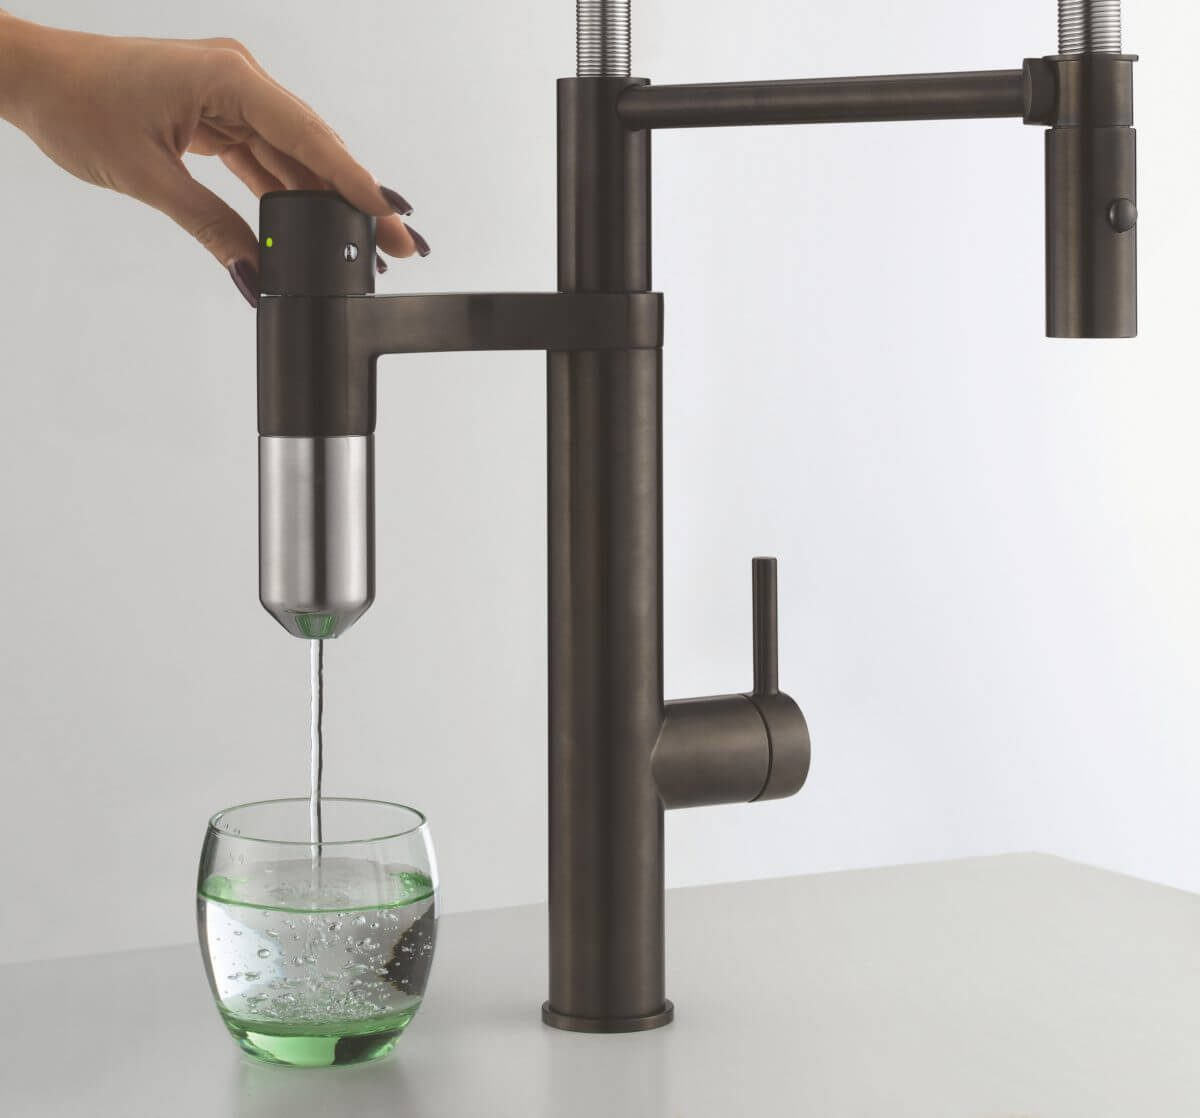 Die extrem kleine Filterkapsel reicht für 500 Liter gefiltertes Wasser und ist so in die Armatur integriert, dass das Wasser direkt vom Filter ins Glas fließt. Eine Filtersättigungsanzeige signalisiert, wann der Filterwechsel nötig ist. Foto: Franke